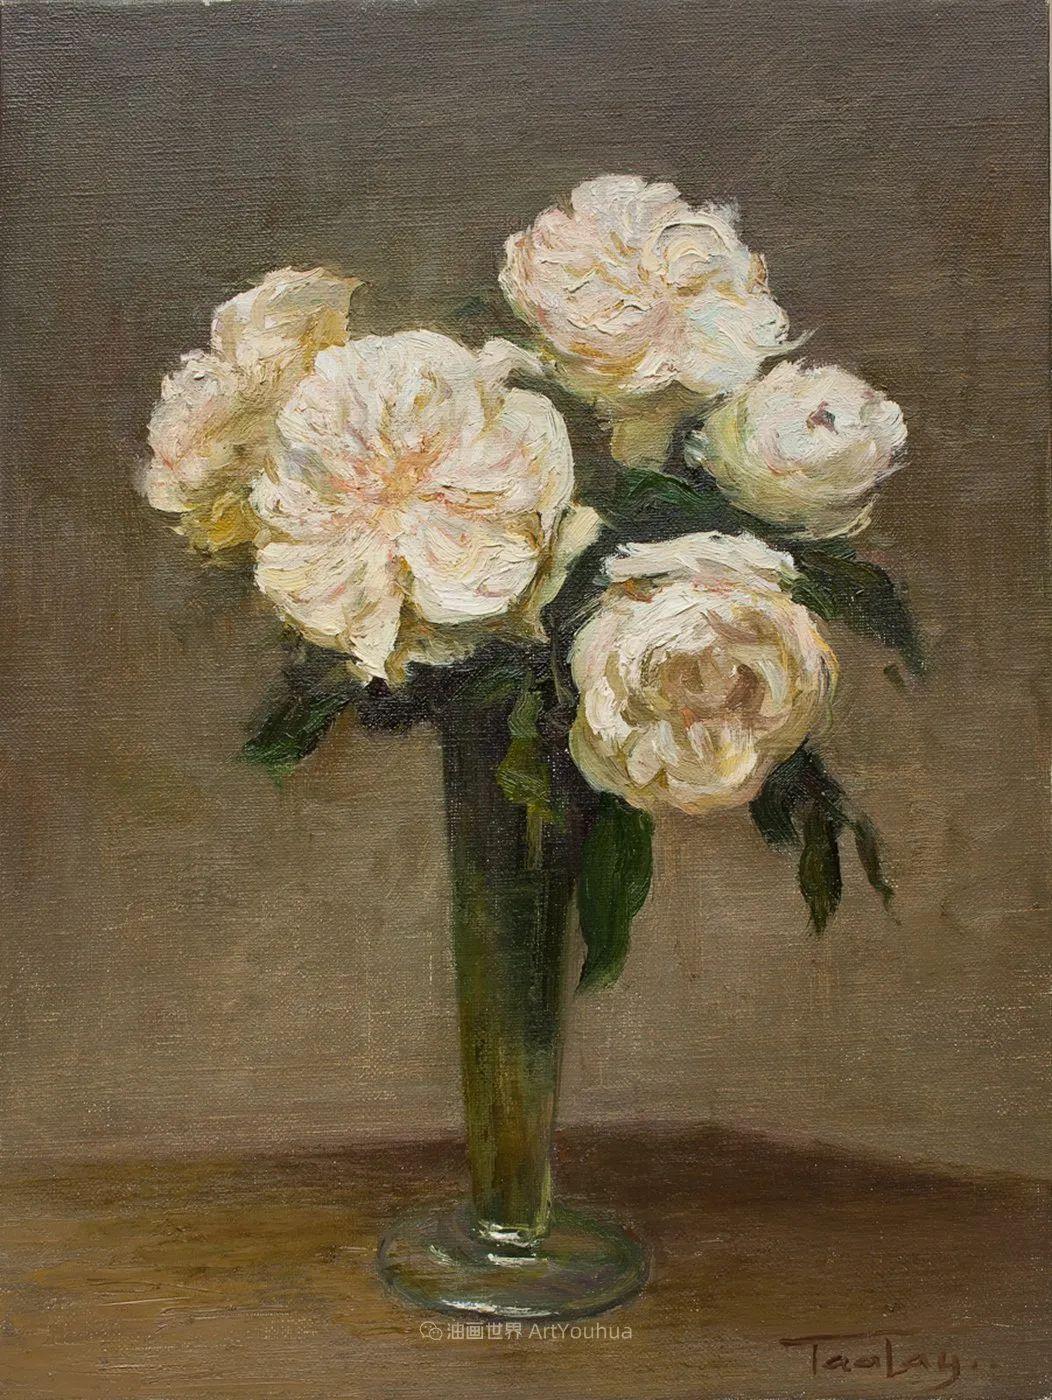 他的花儿如此生动和明亮,充满了光和微妙的东方哲学!插图83